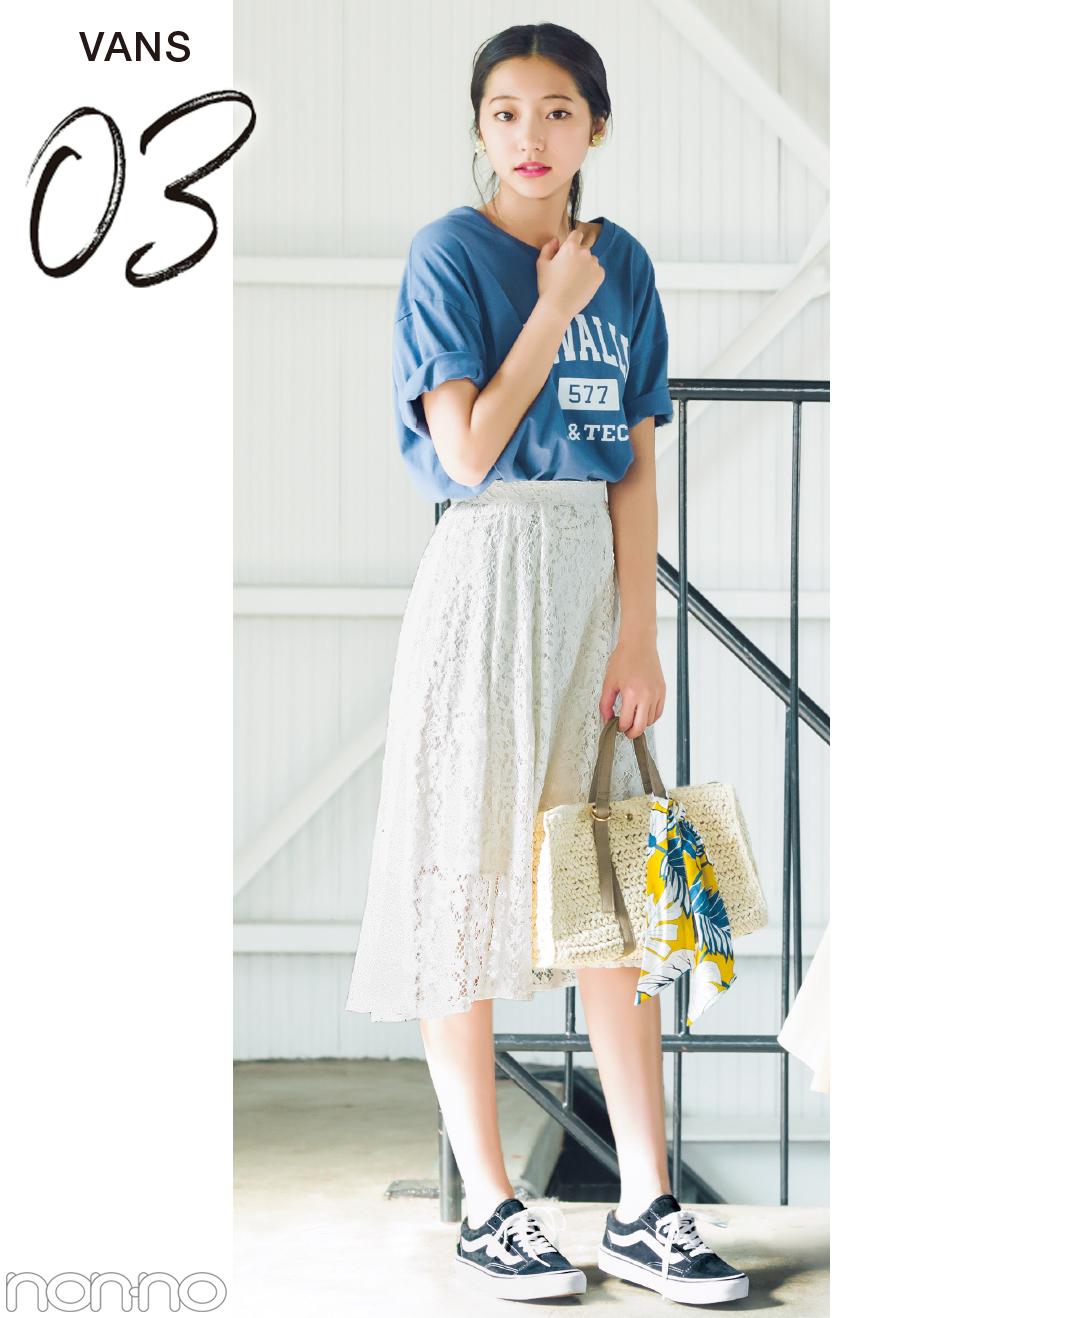 【夏のTシャツコーデ】武田玲奈は、Tシャツ×ふんわりスカート×スニーカーで甘辛コーデ